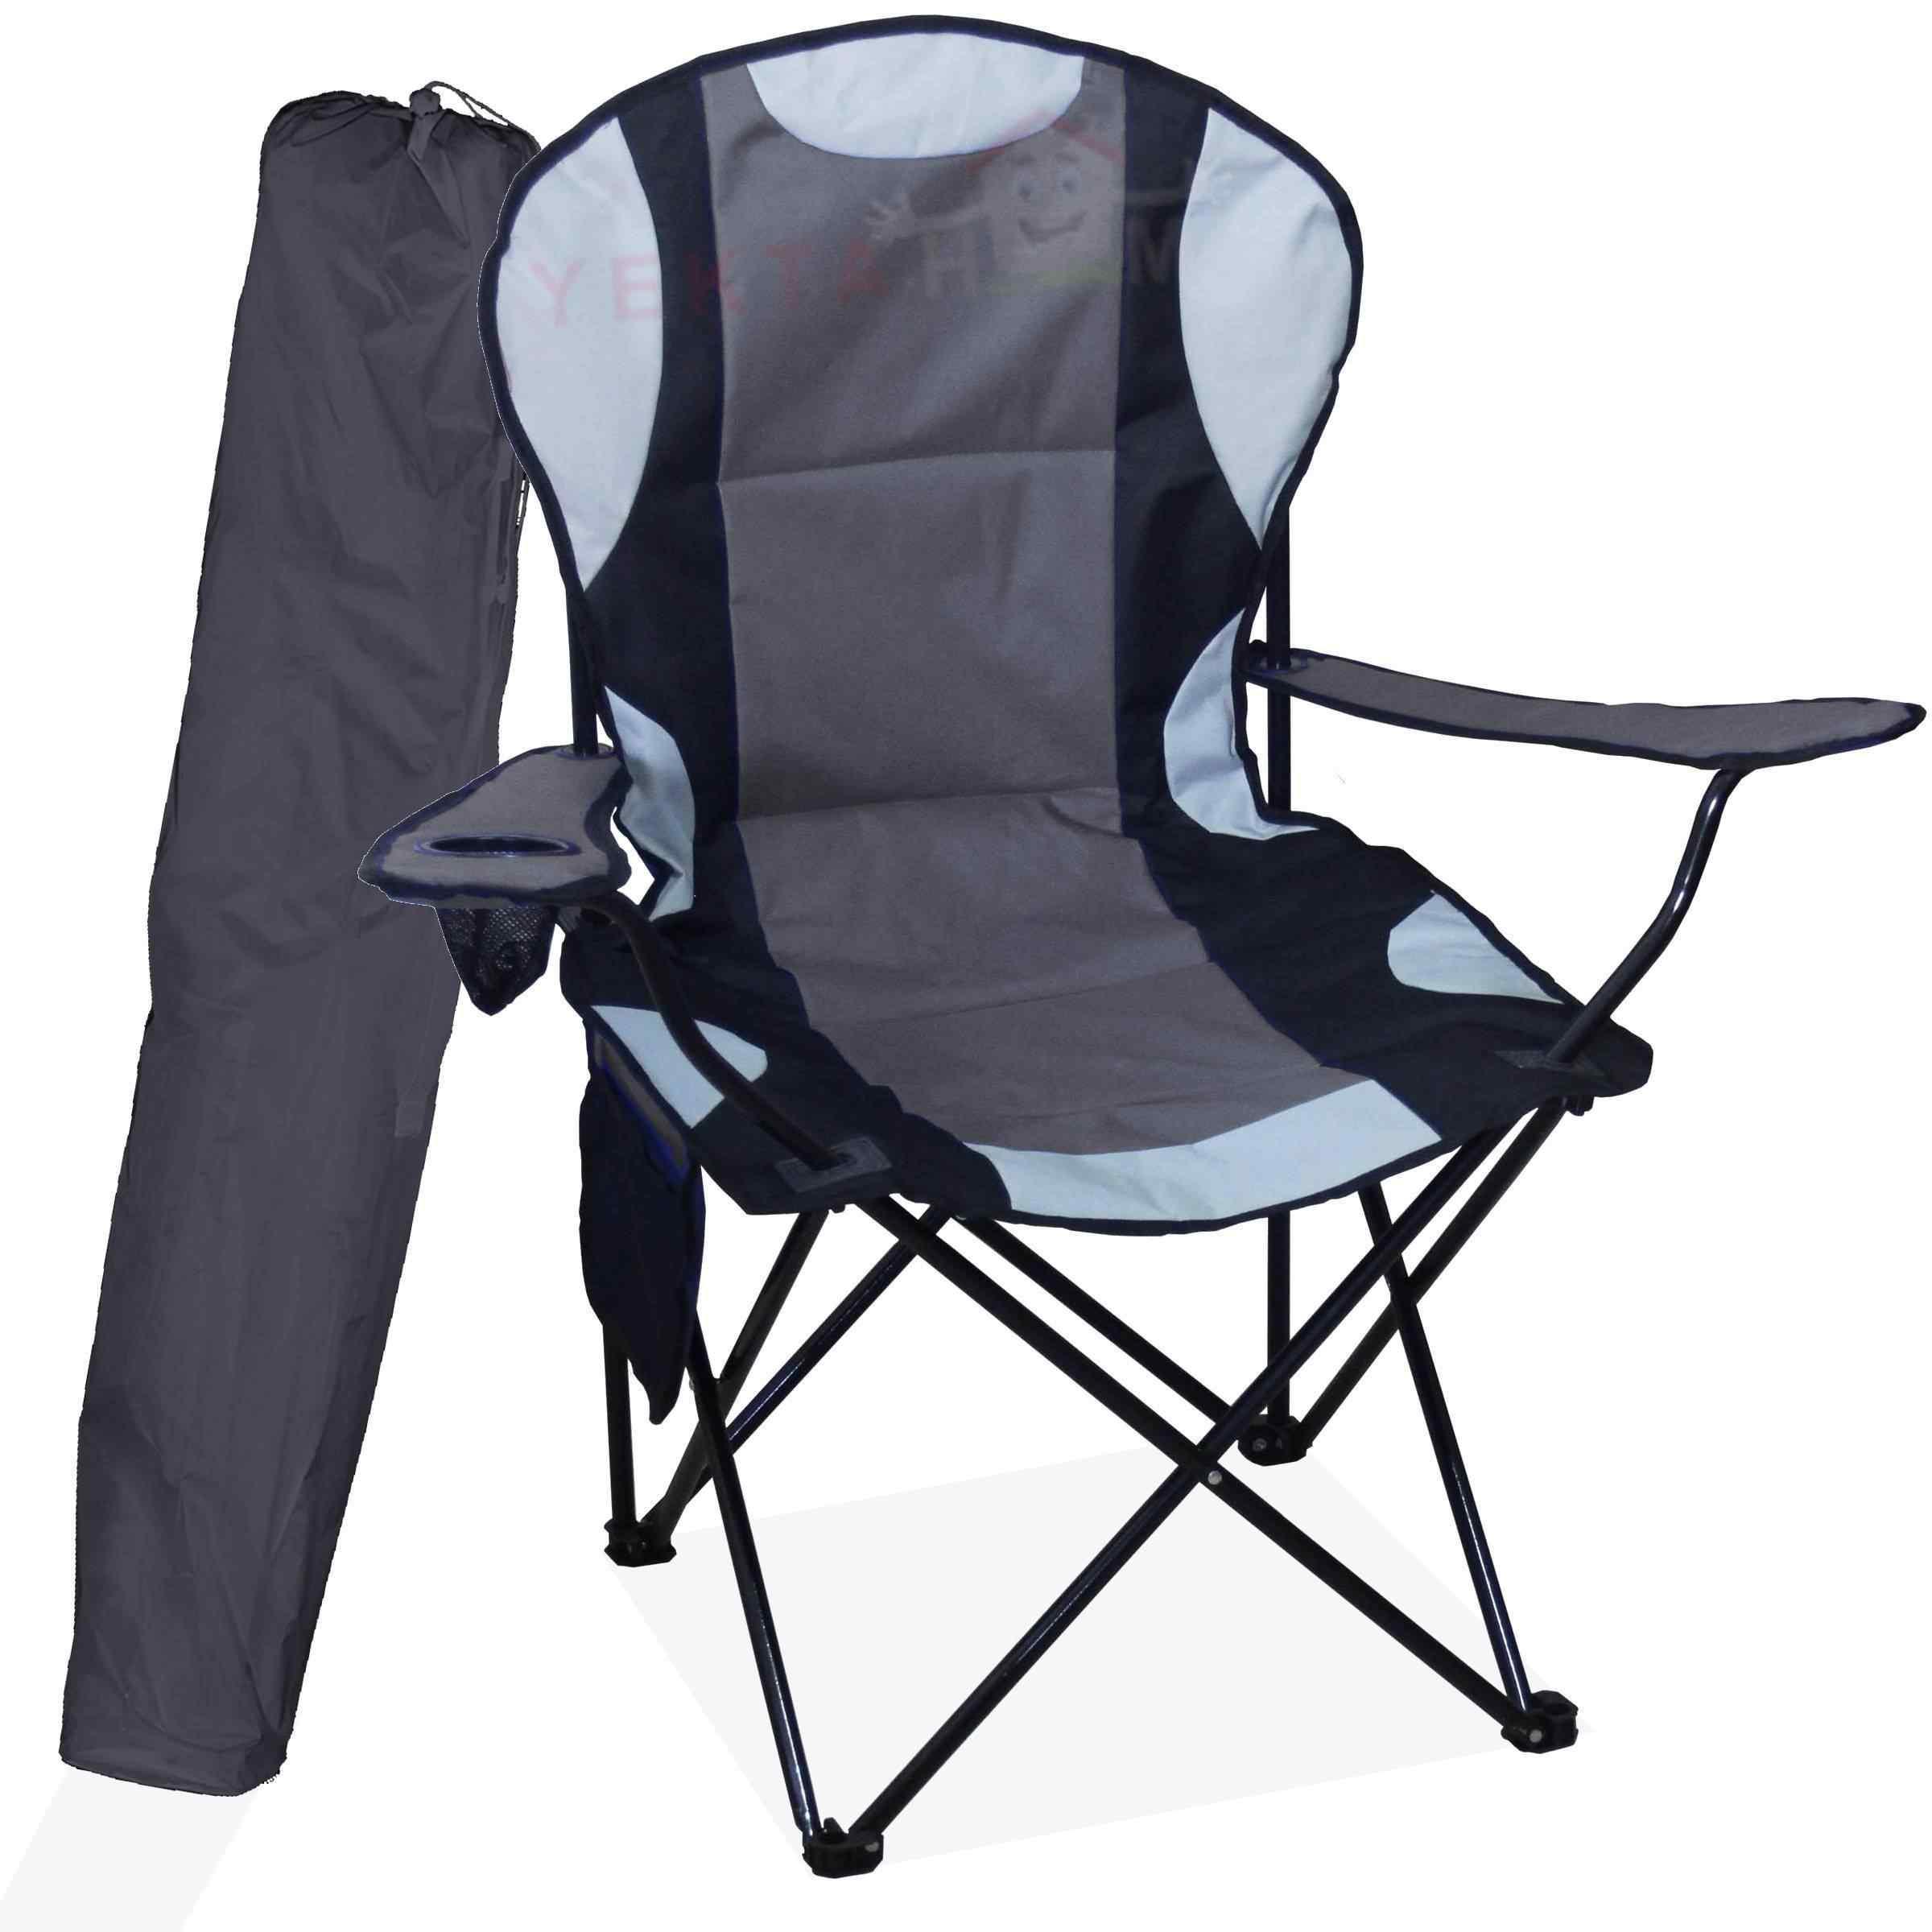 Mega Büyük Kamp Sandalyesi xL Kamp Sandalyesi Katlanır Sandalye Gri